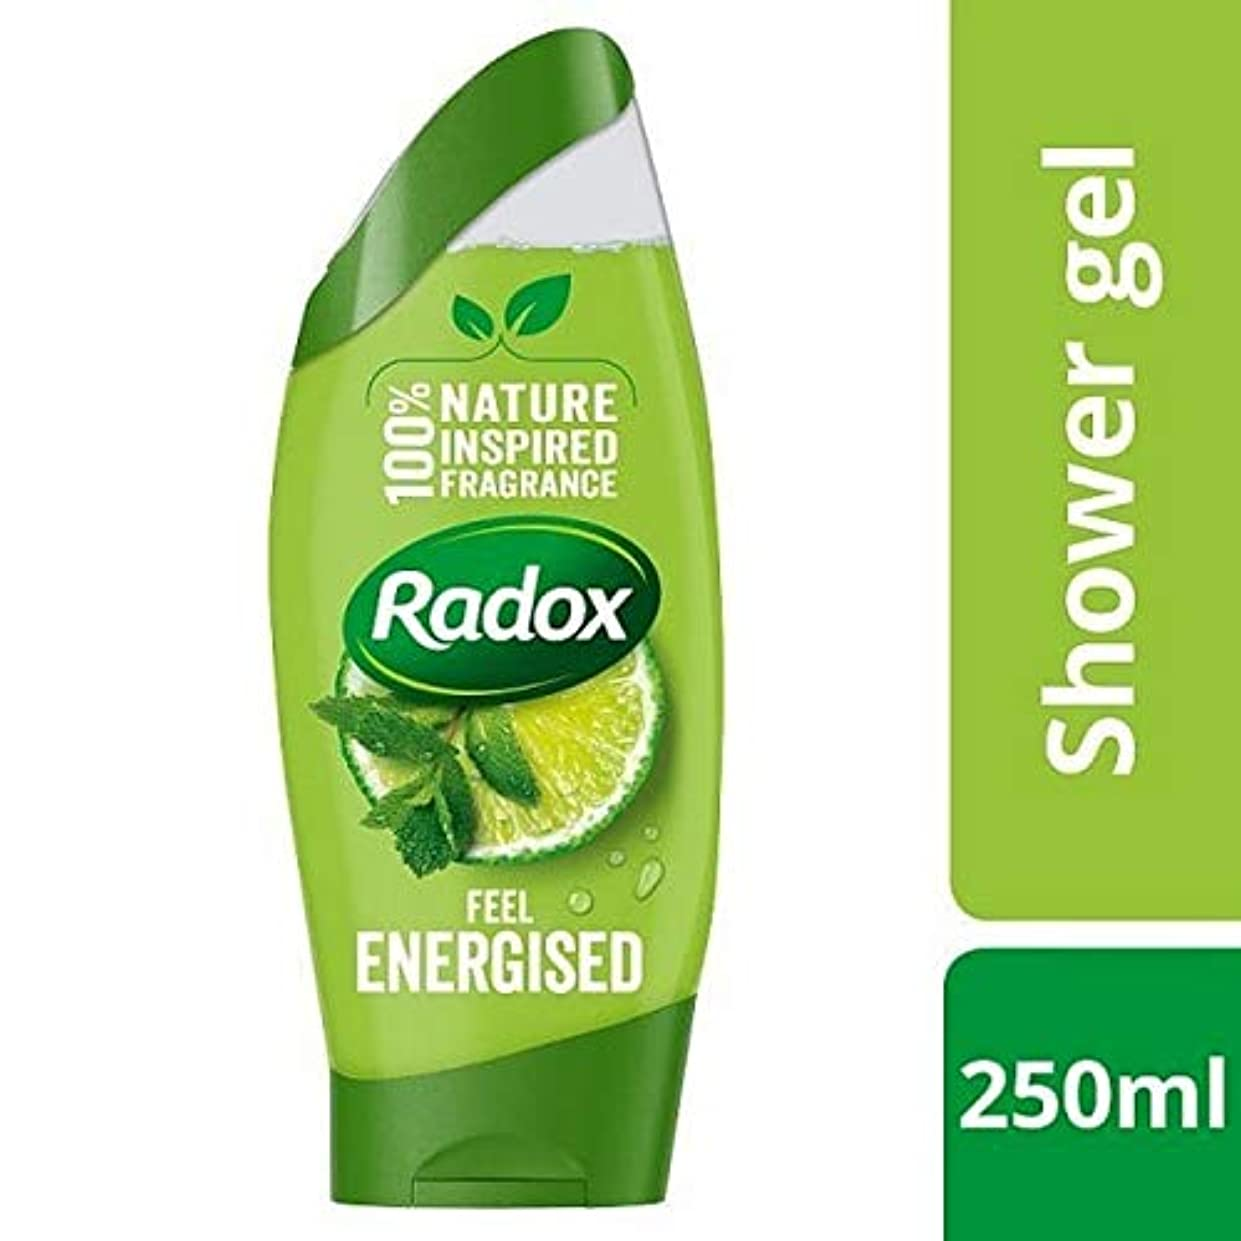 リール空白不当[Radox] Radoxは通電シャワージェル250ミリリットルを感じます - Radox Feel Energised Shower Gel 250ml [並行輸入品]